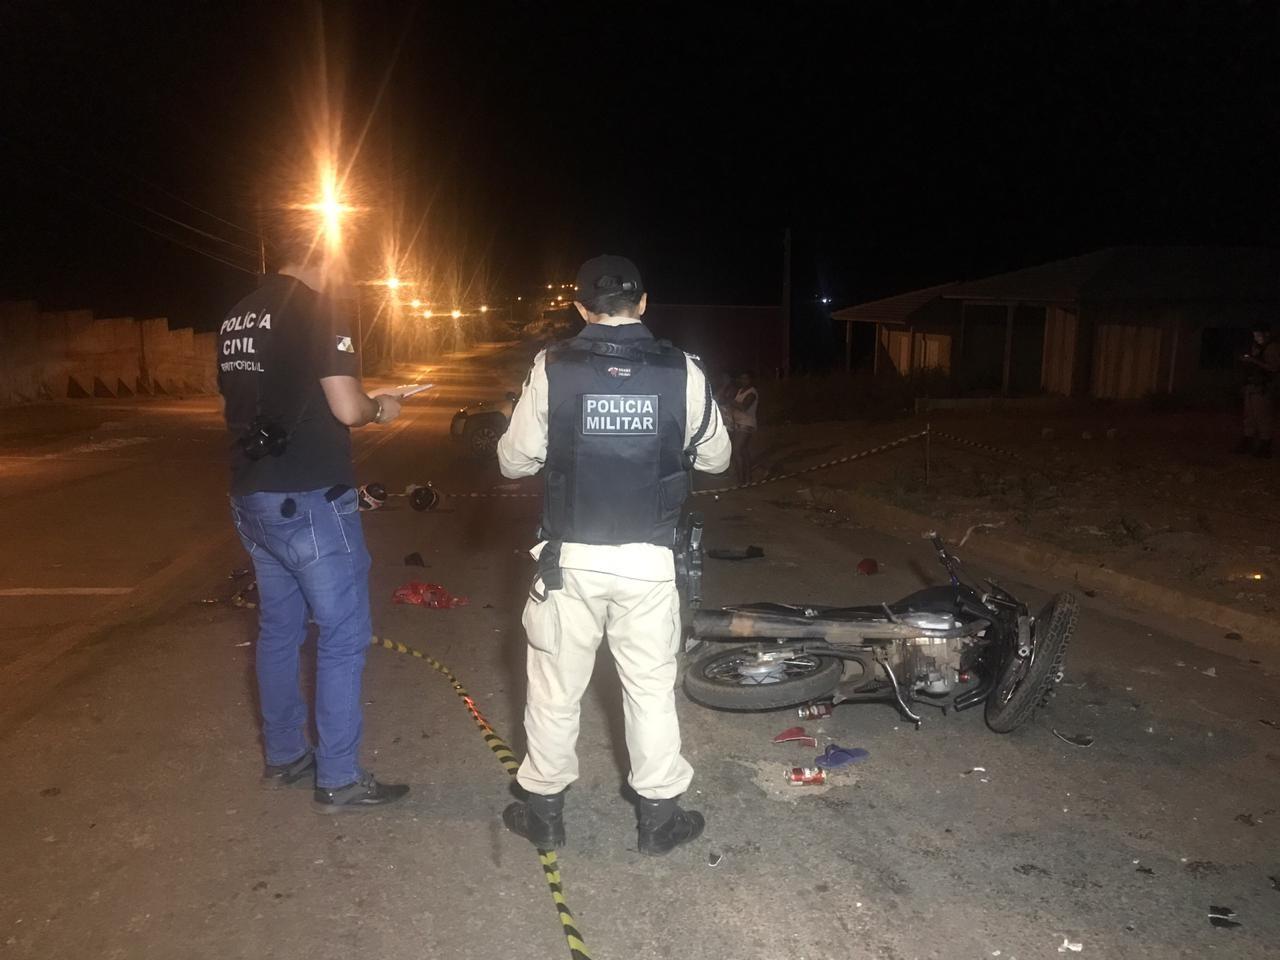 Vídeo mostra momento exato em que motocicletas batem de frente; acidente deixou um morto e três feridos - Notícias - Plantão Diário